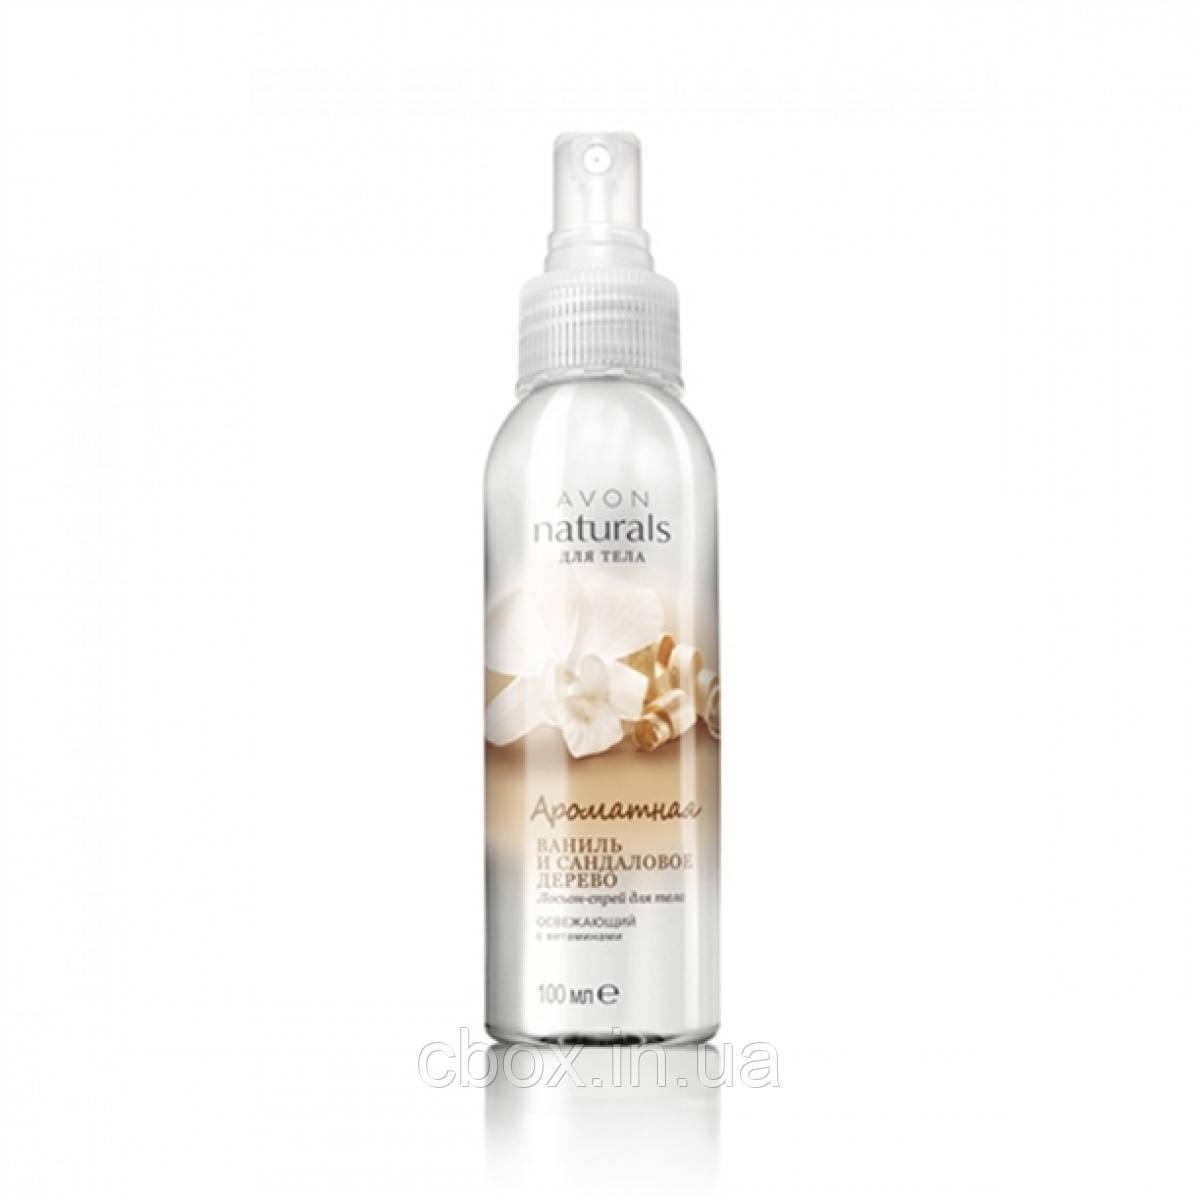 """Освежающий лосьон-спрей для тела """"Ароматная ваниль и сандаловое дерево"""" Avon Naturals, Эйвон,Ейвон,52926,100мл"""